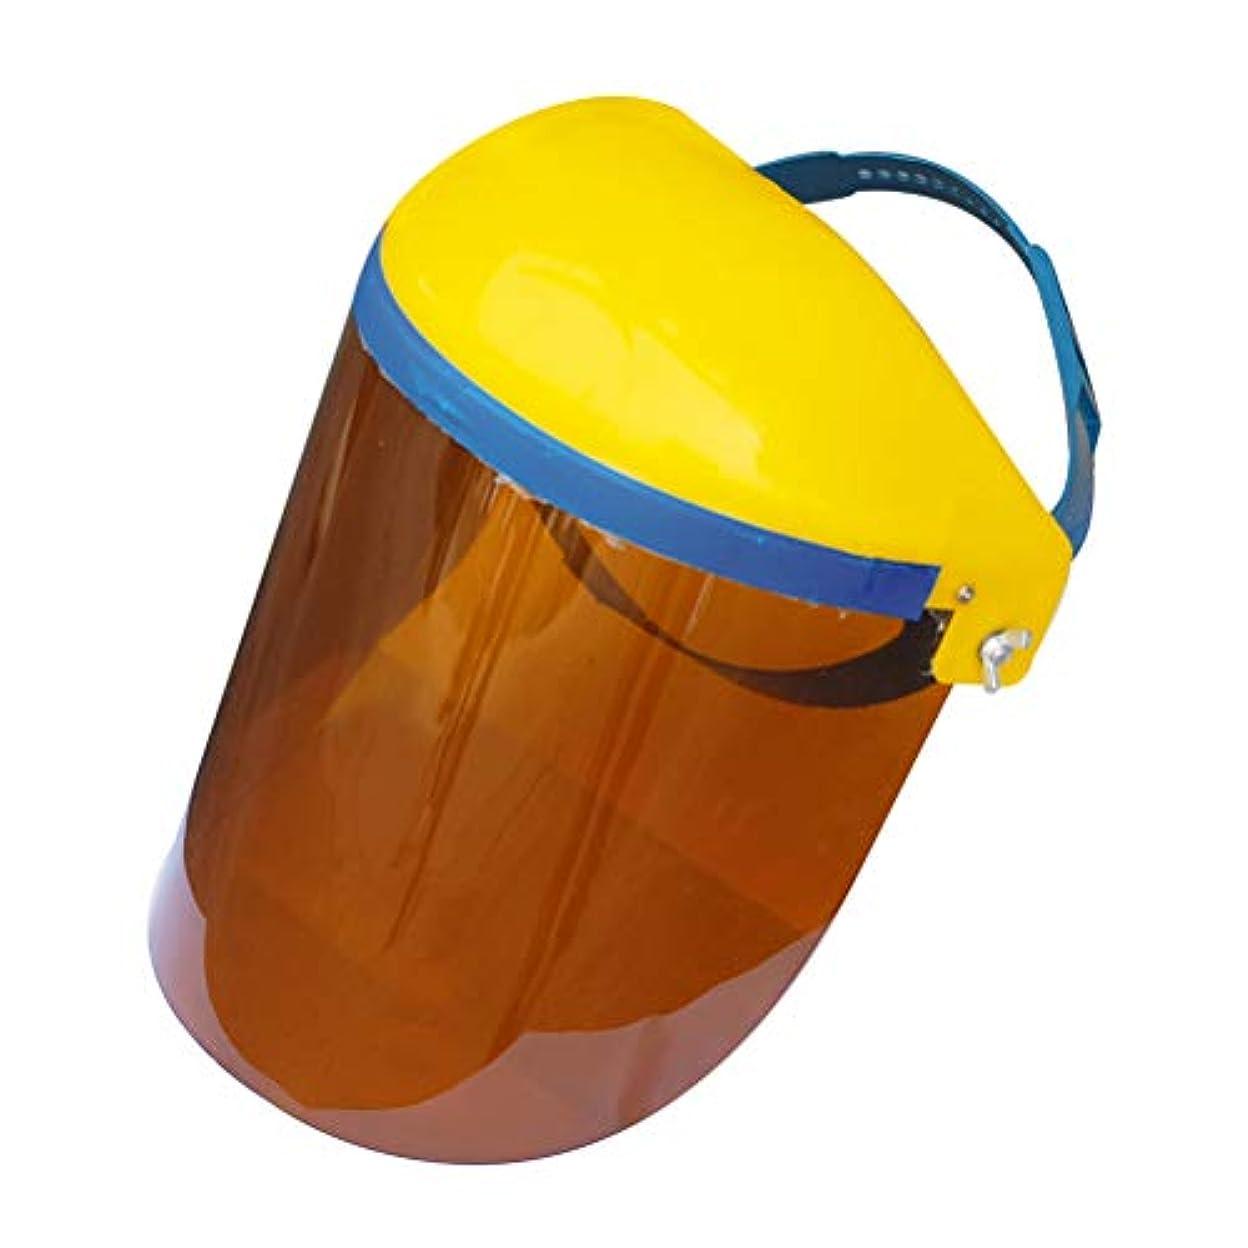 取り除く逃げる辛いBESTONZON キッチン調理両面防曇防油スプラッシュクリアフェイスマスクフェイスシールドプロテクター(ブラウン)